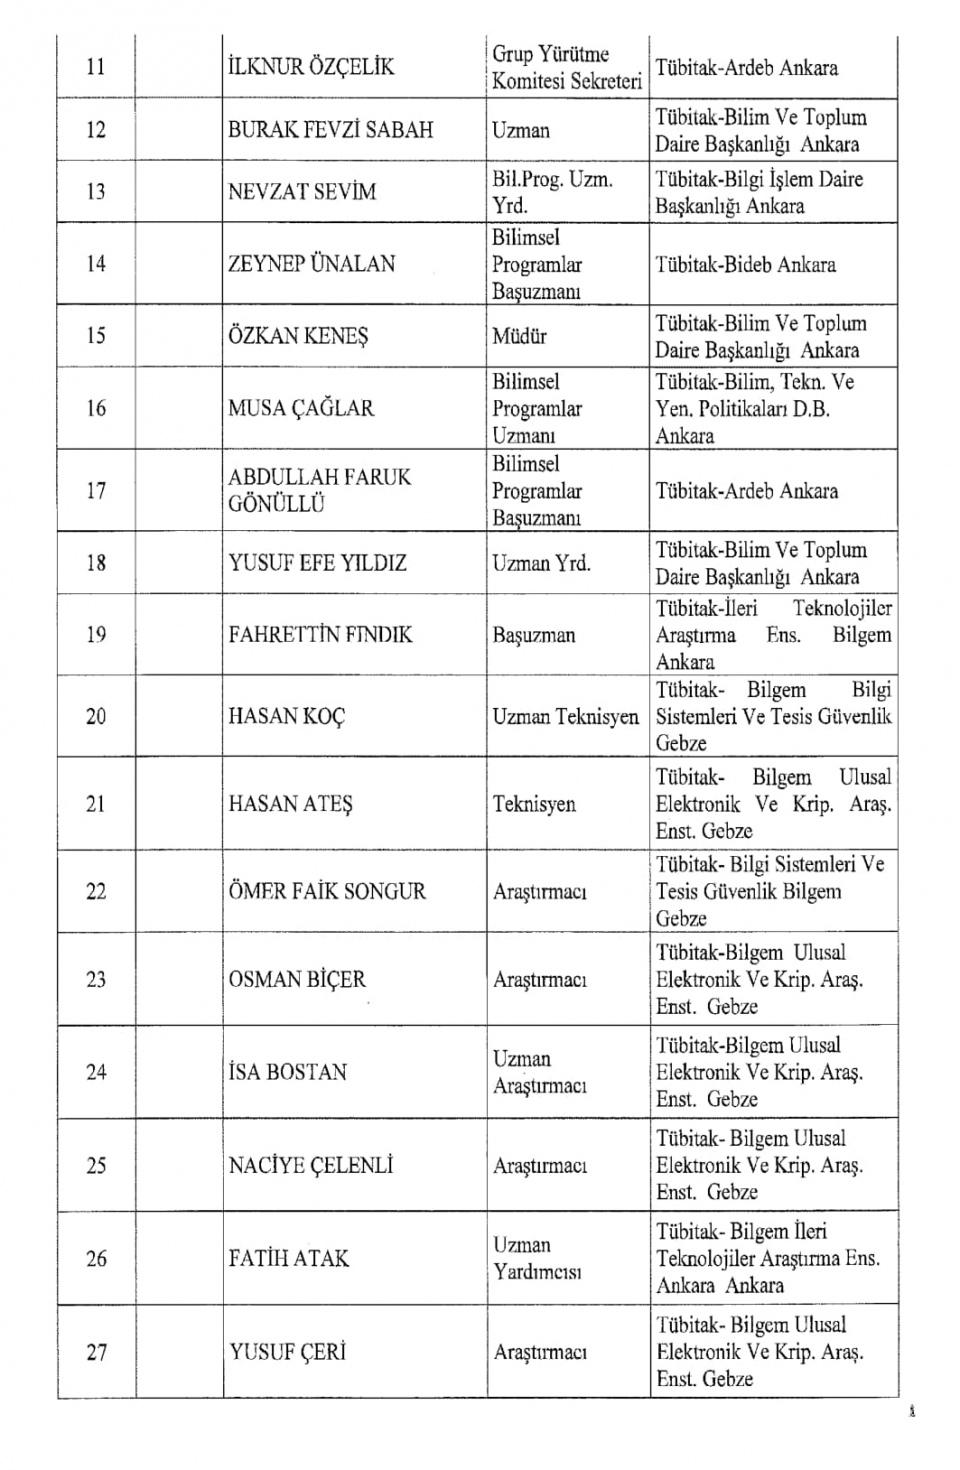 İşte kamuda ihraç edilenlerin tam listesi 92